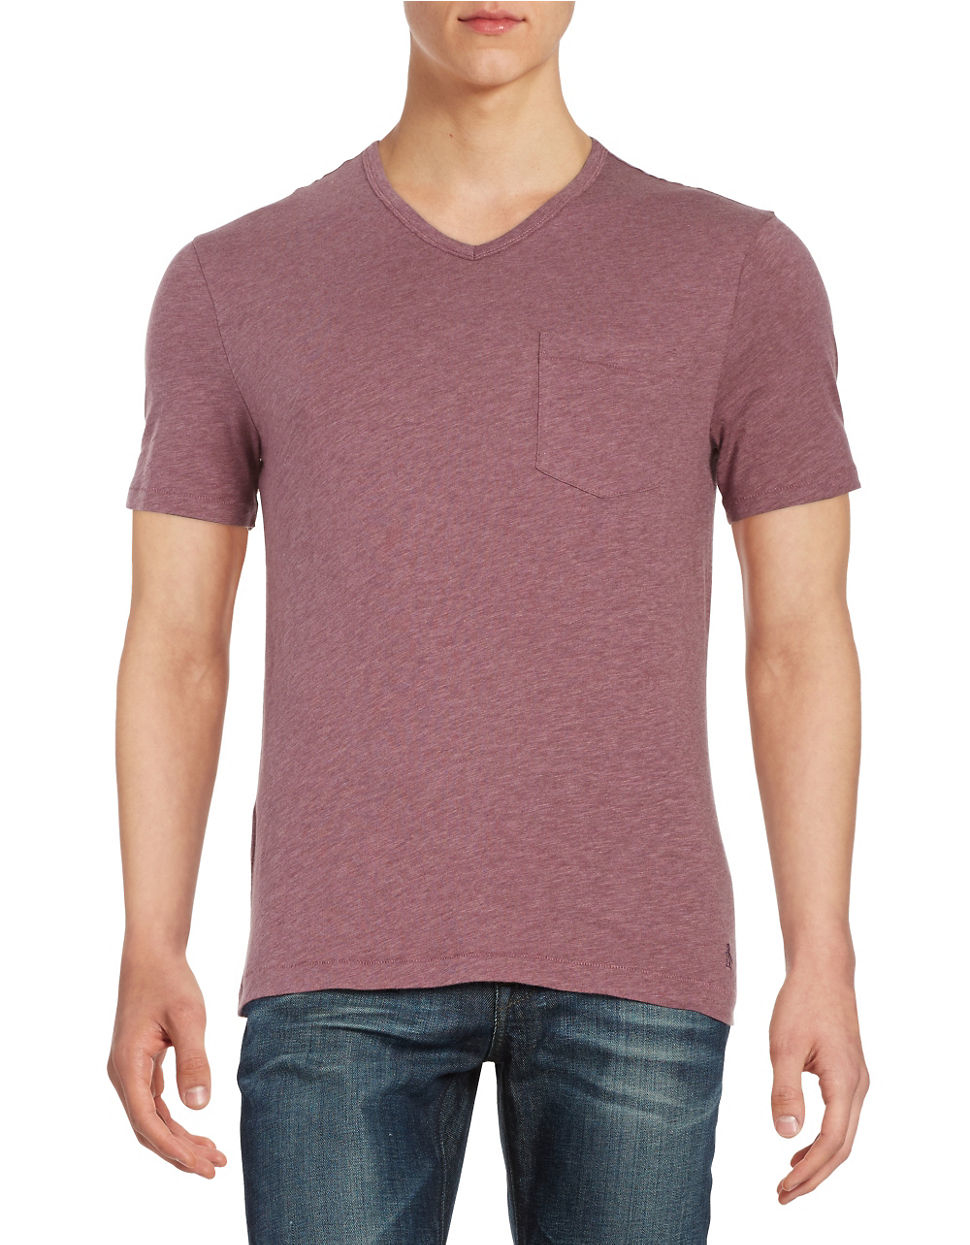 Original penguin v neck pocket tee in pink for men lyst for Men s v neck pocket tee shirts